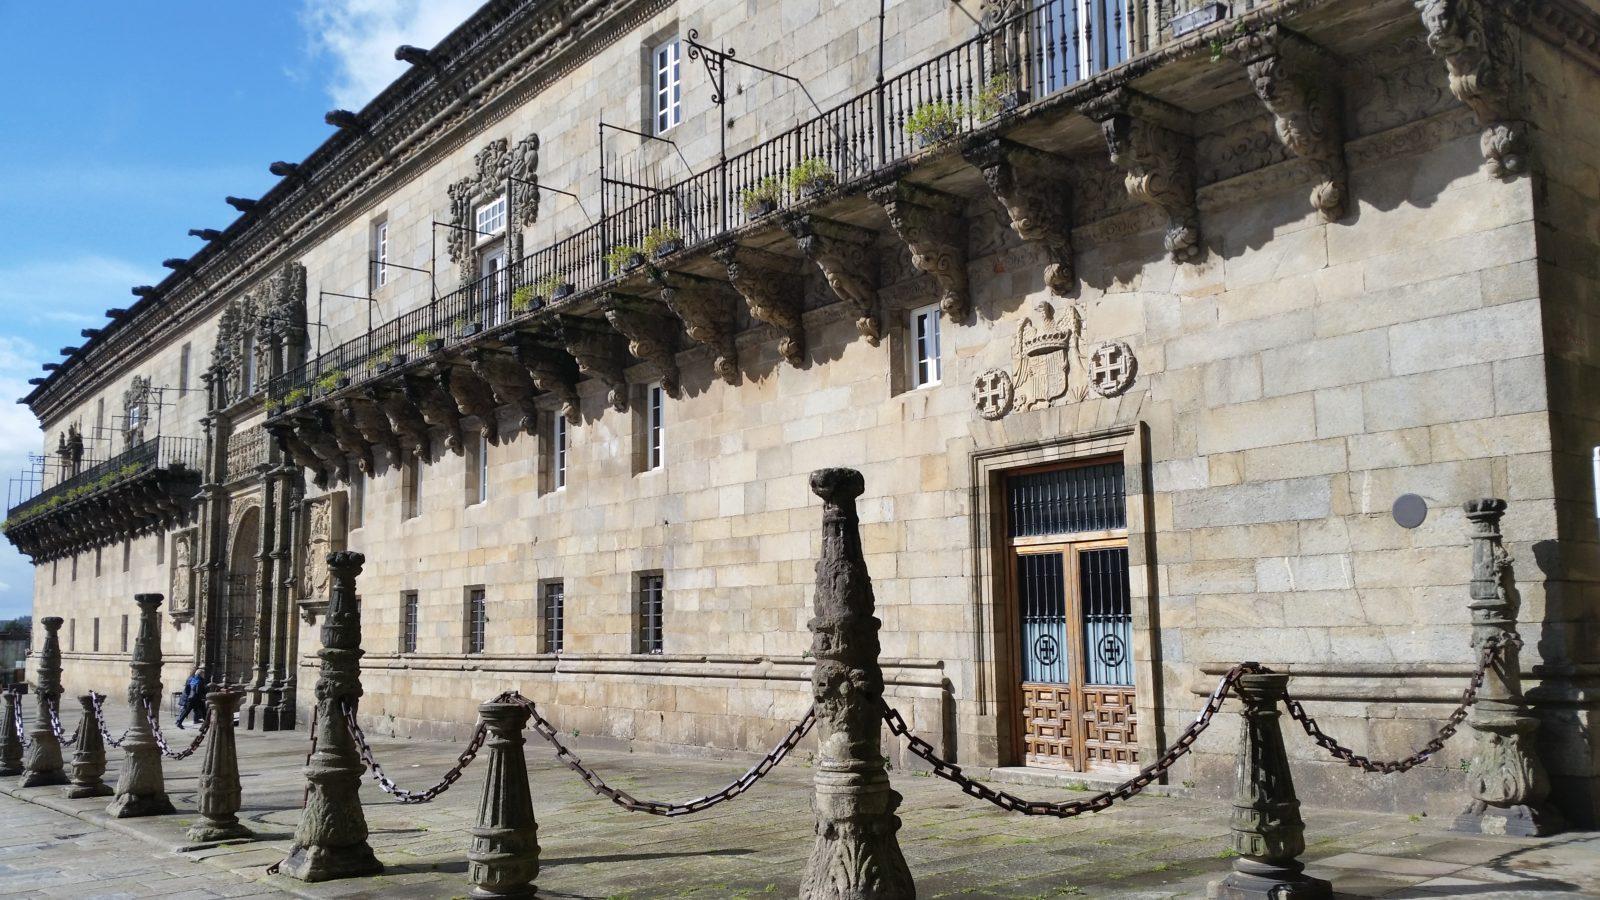 достопримечательности Сантьяго де Компостела фото2